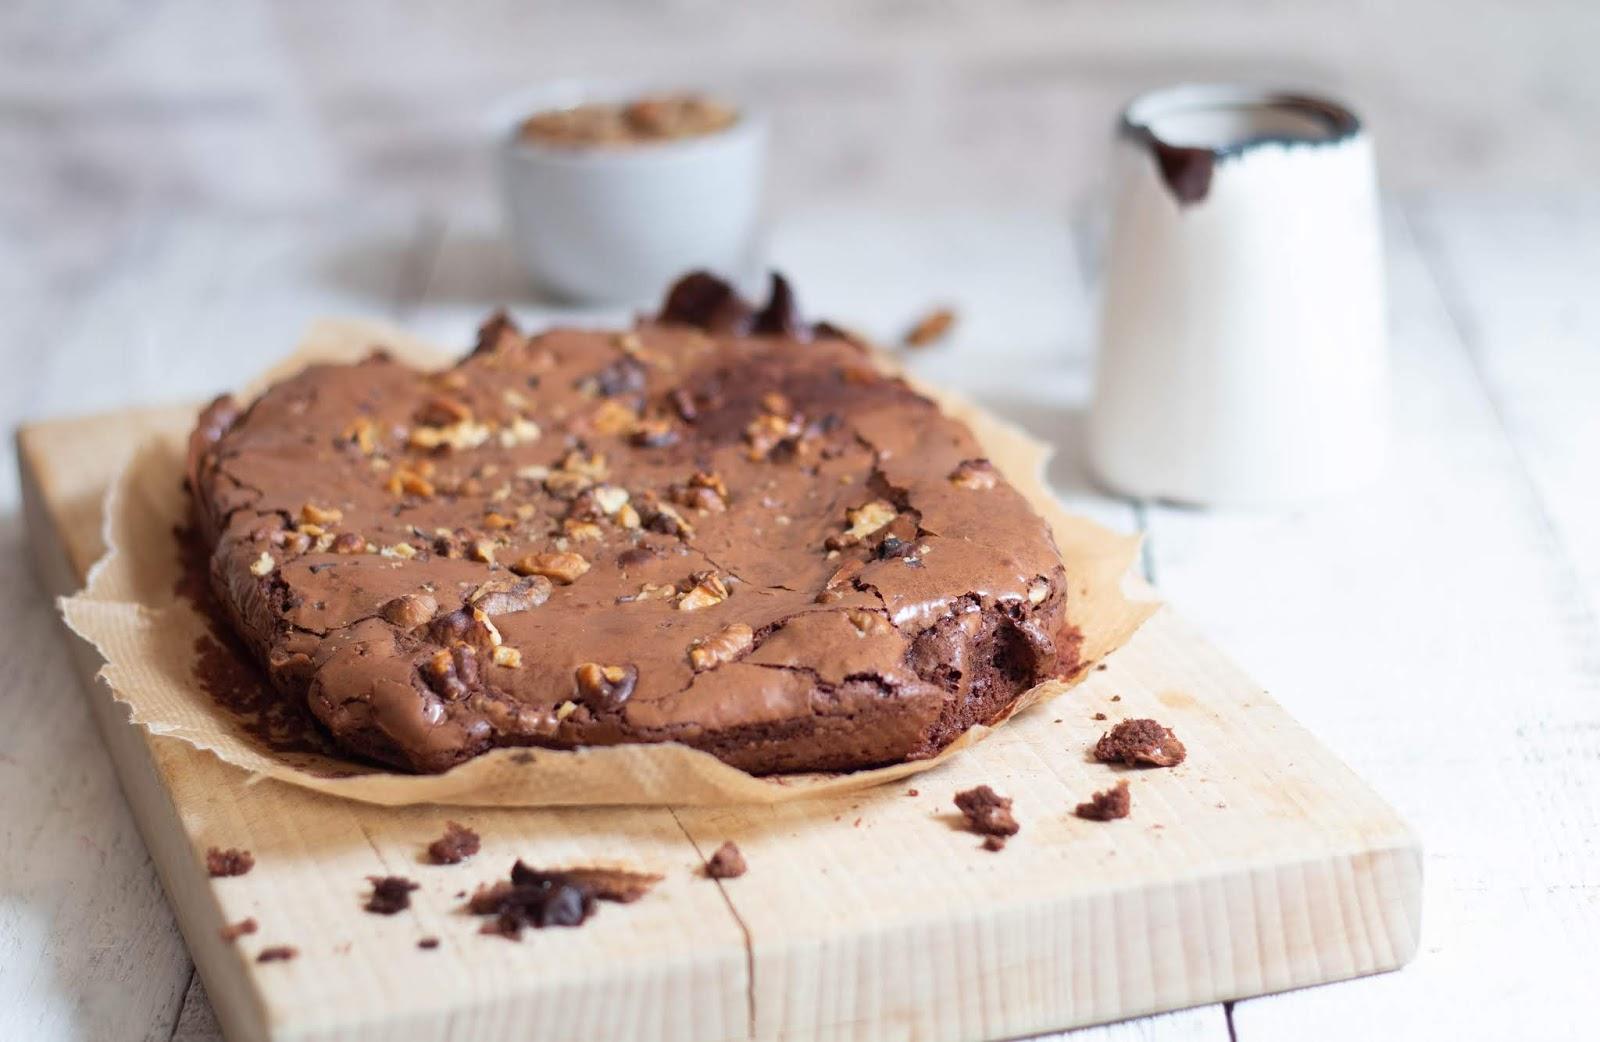 Recette d'un délicieux Brownie fondant au noix ! De quoi vous régaler !